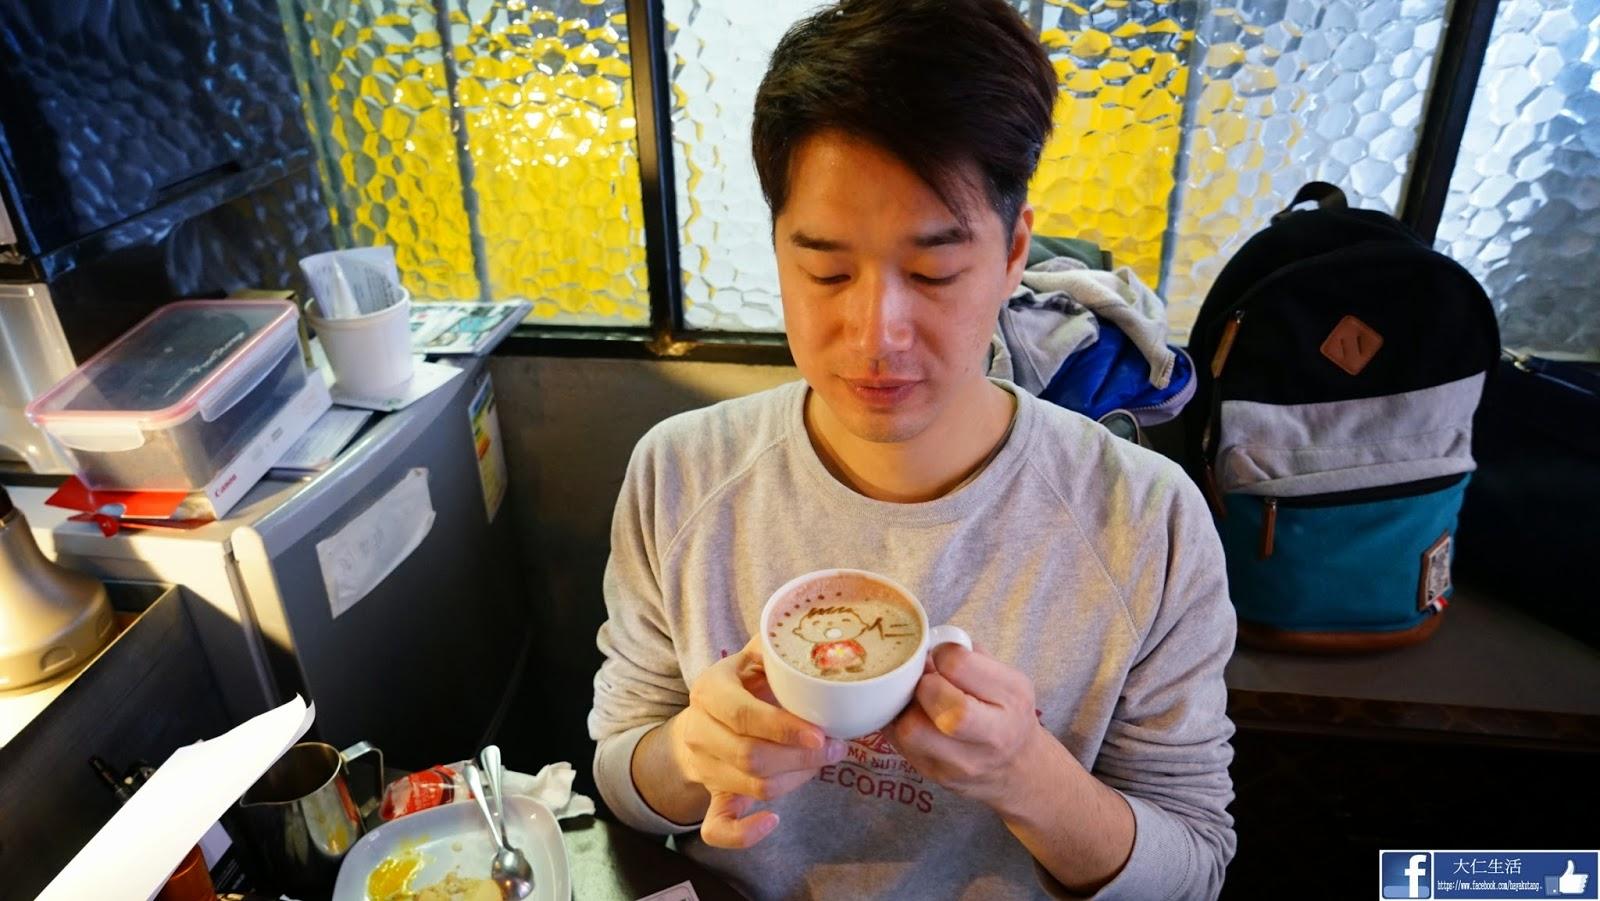 銅鑼灣 希雲街 Cafe R&C 拉花 叮噹 大口仔 布甸狗